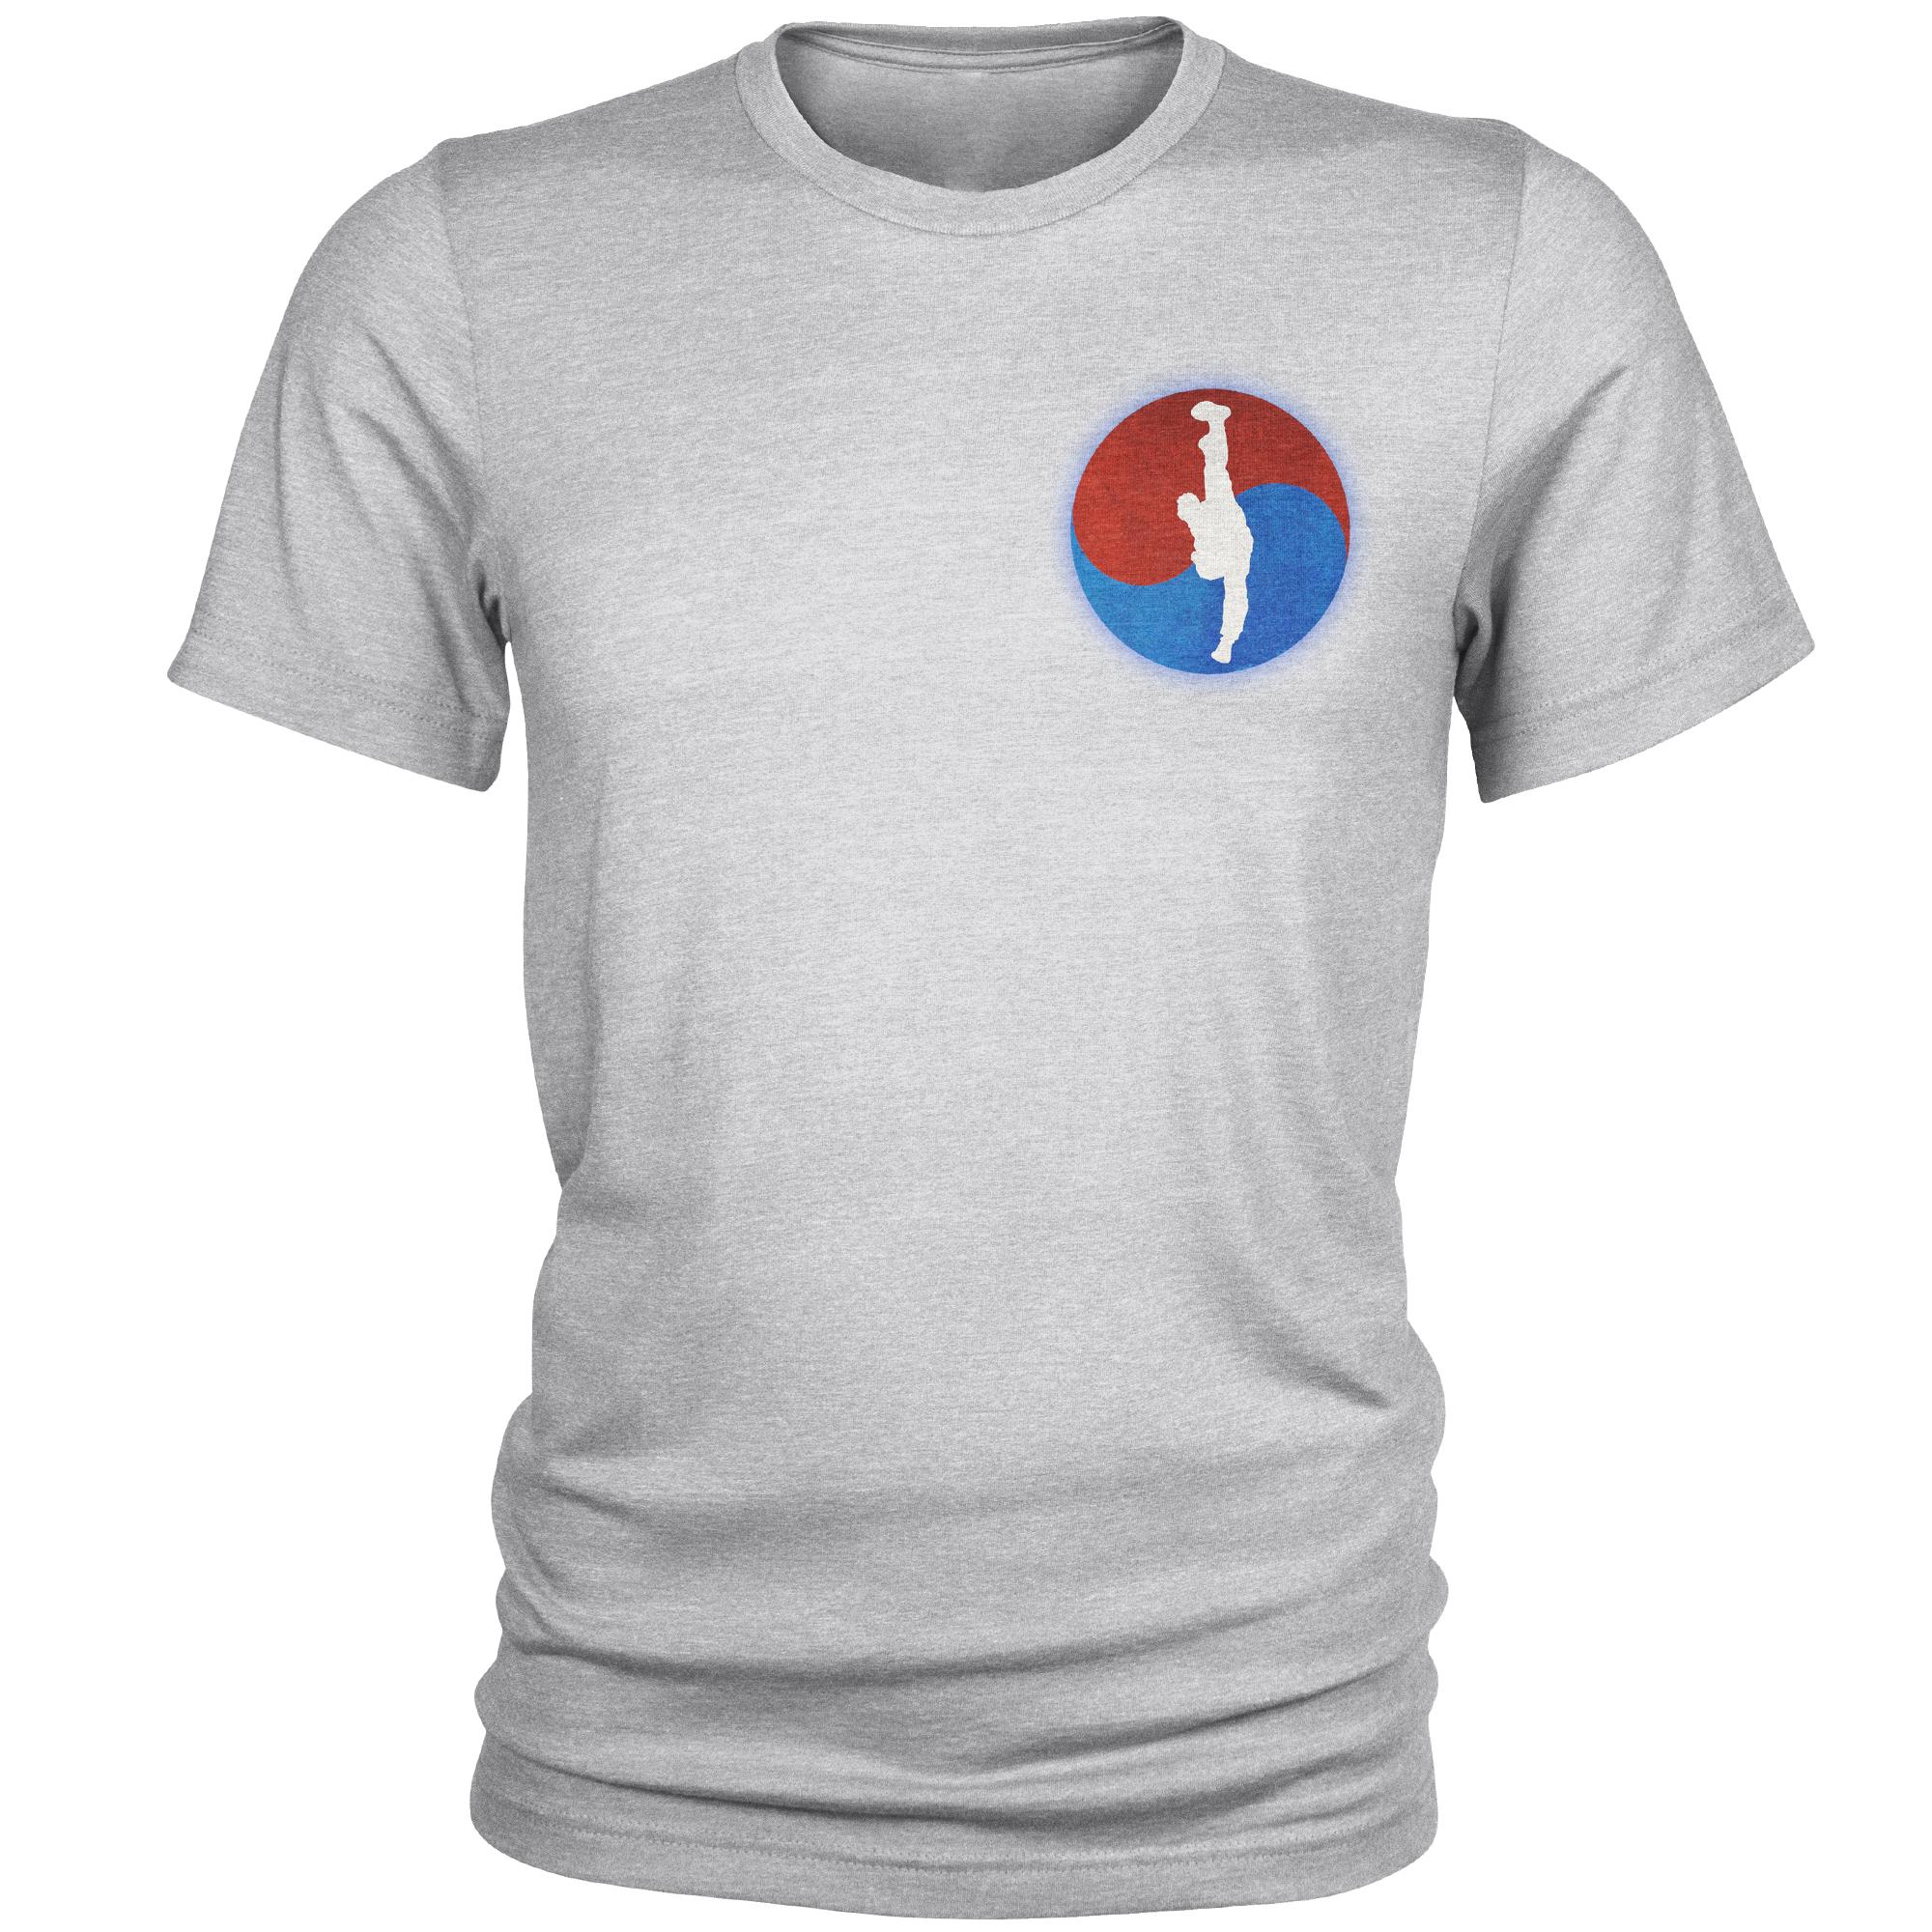 تی شرت مردانه طرح تکواندو کد C29